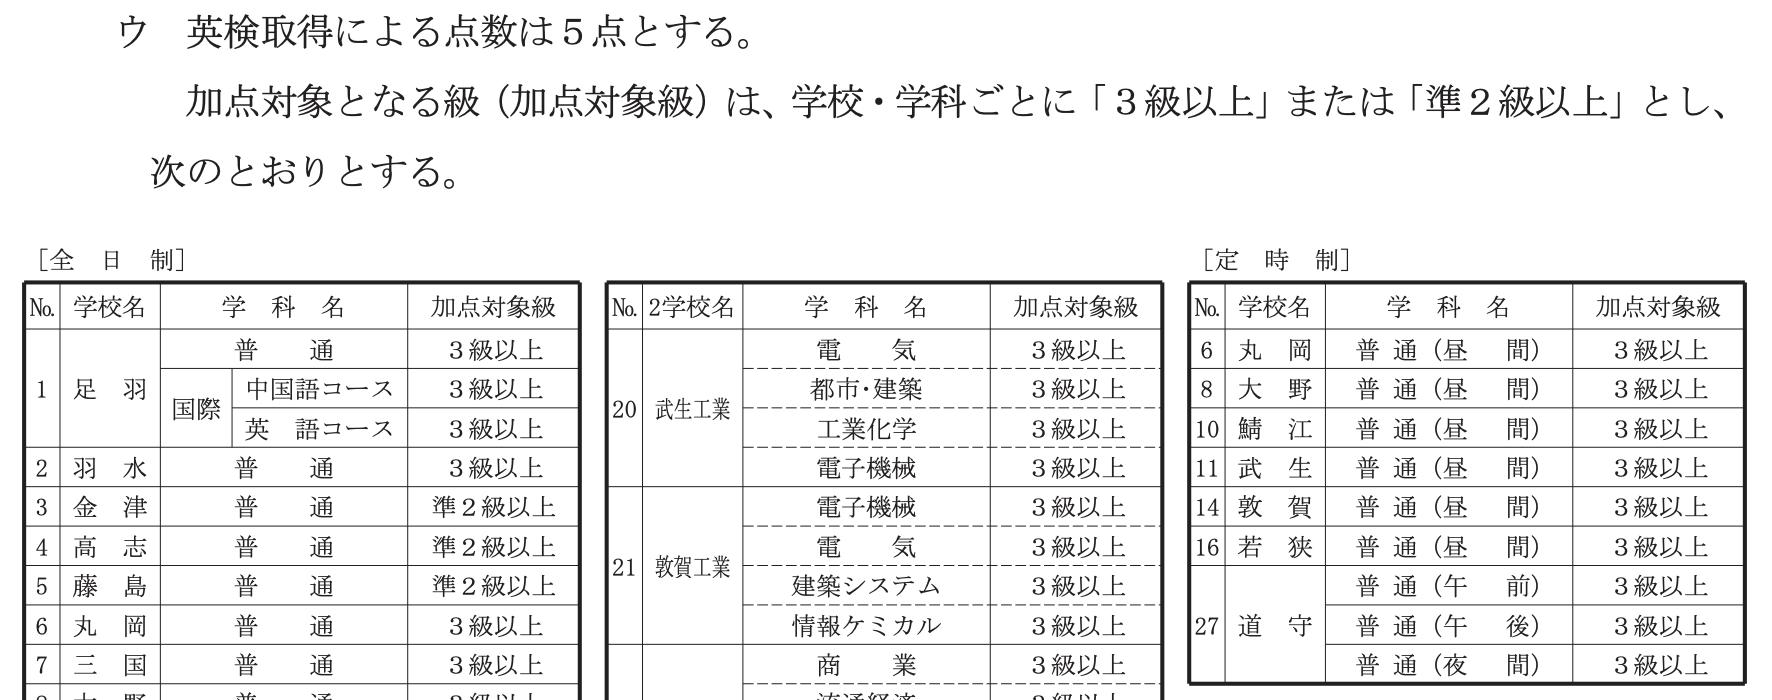 福井県公立高校入試制度2